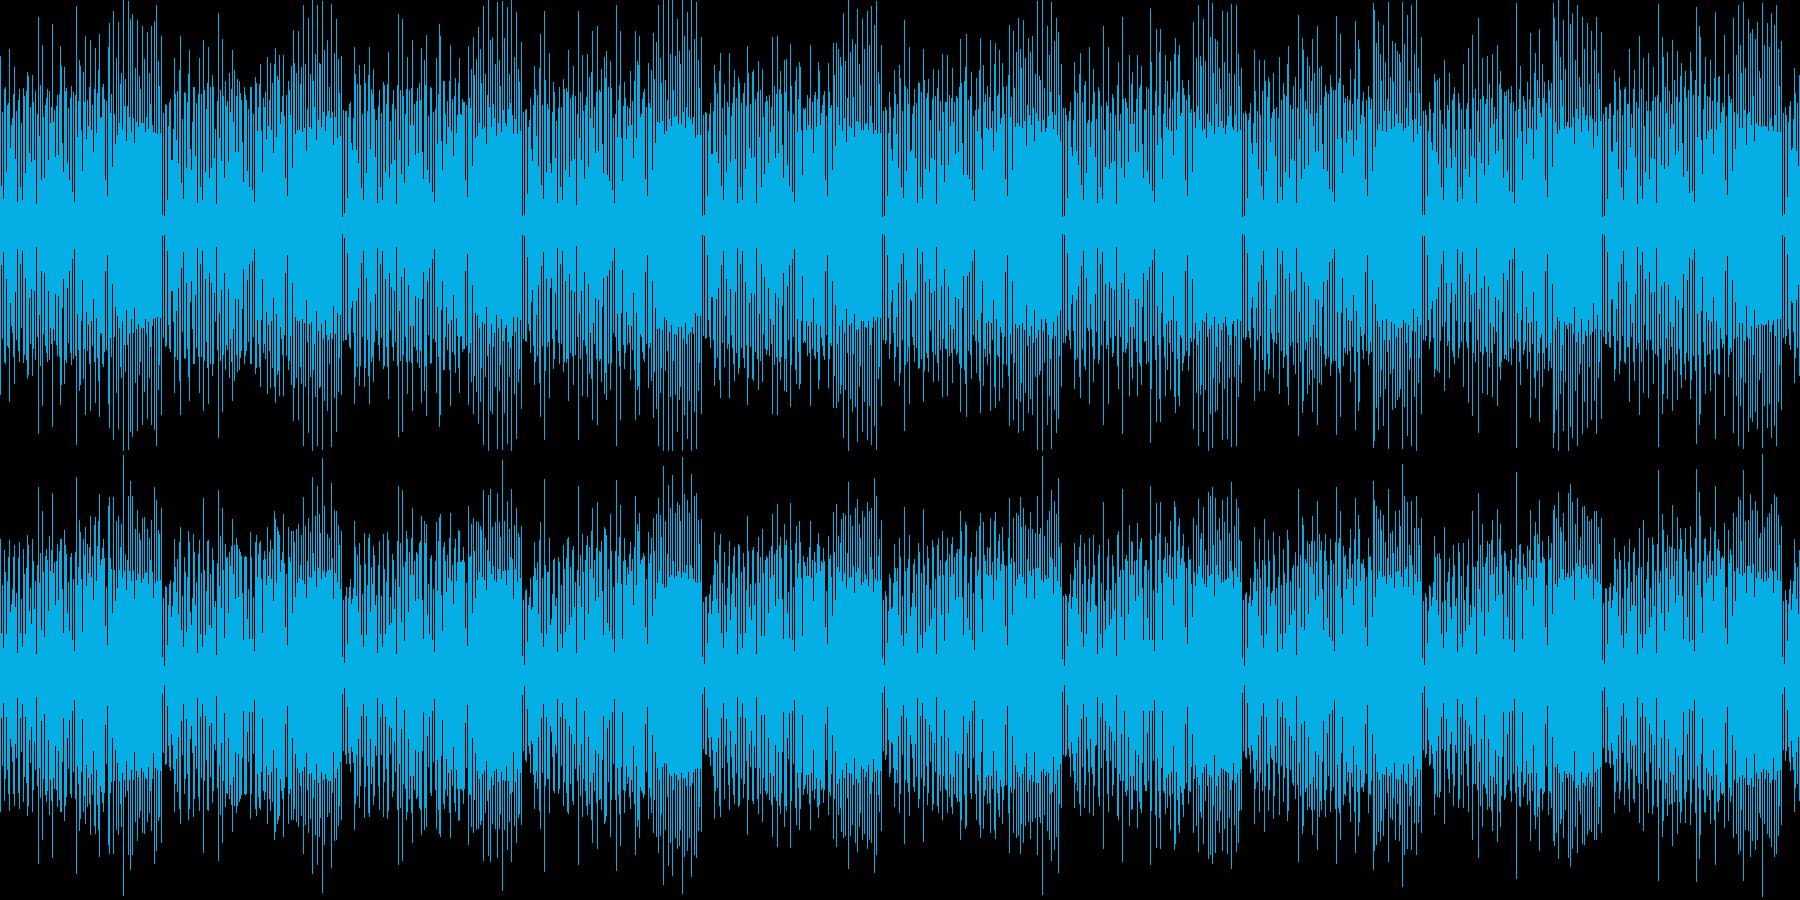 稚拙な潜入・スパイ・考え中みたいな曲の再生済みの波形